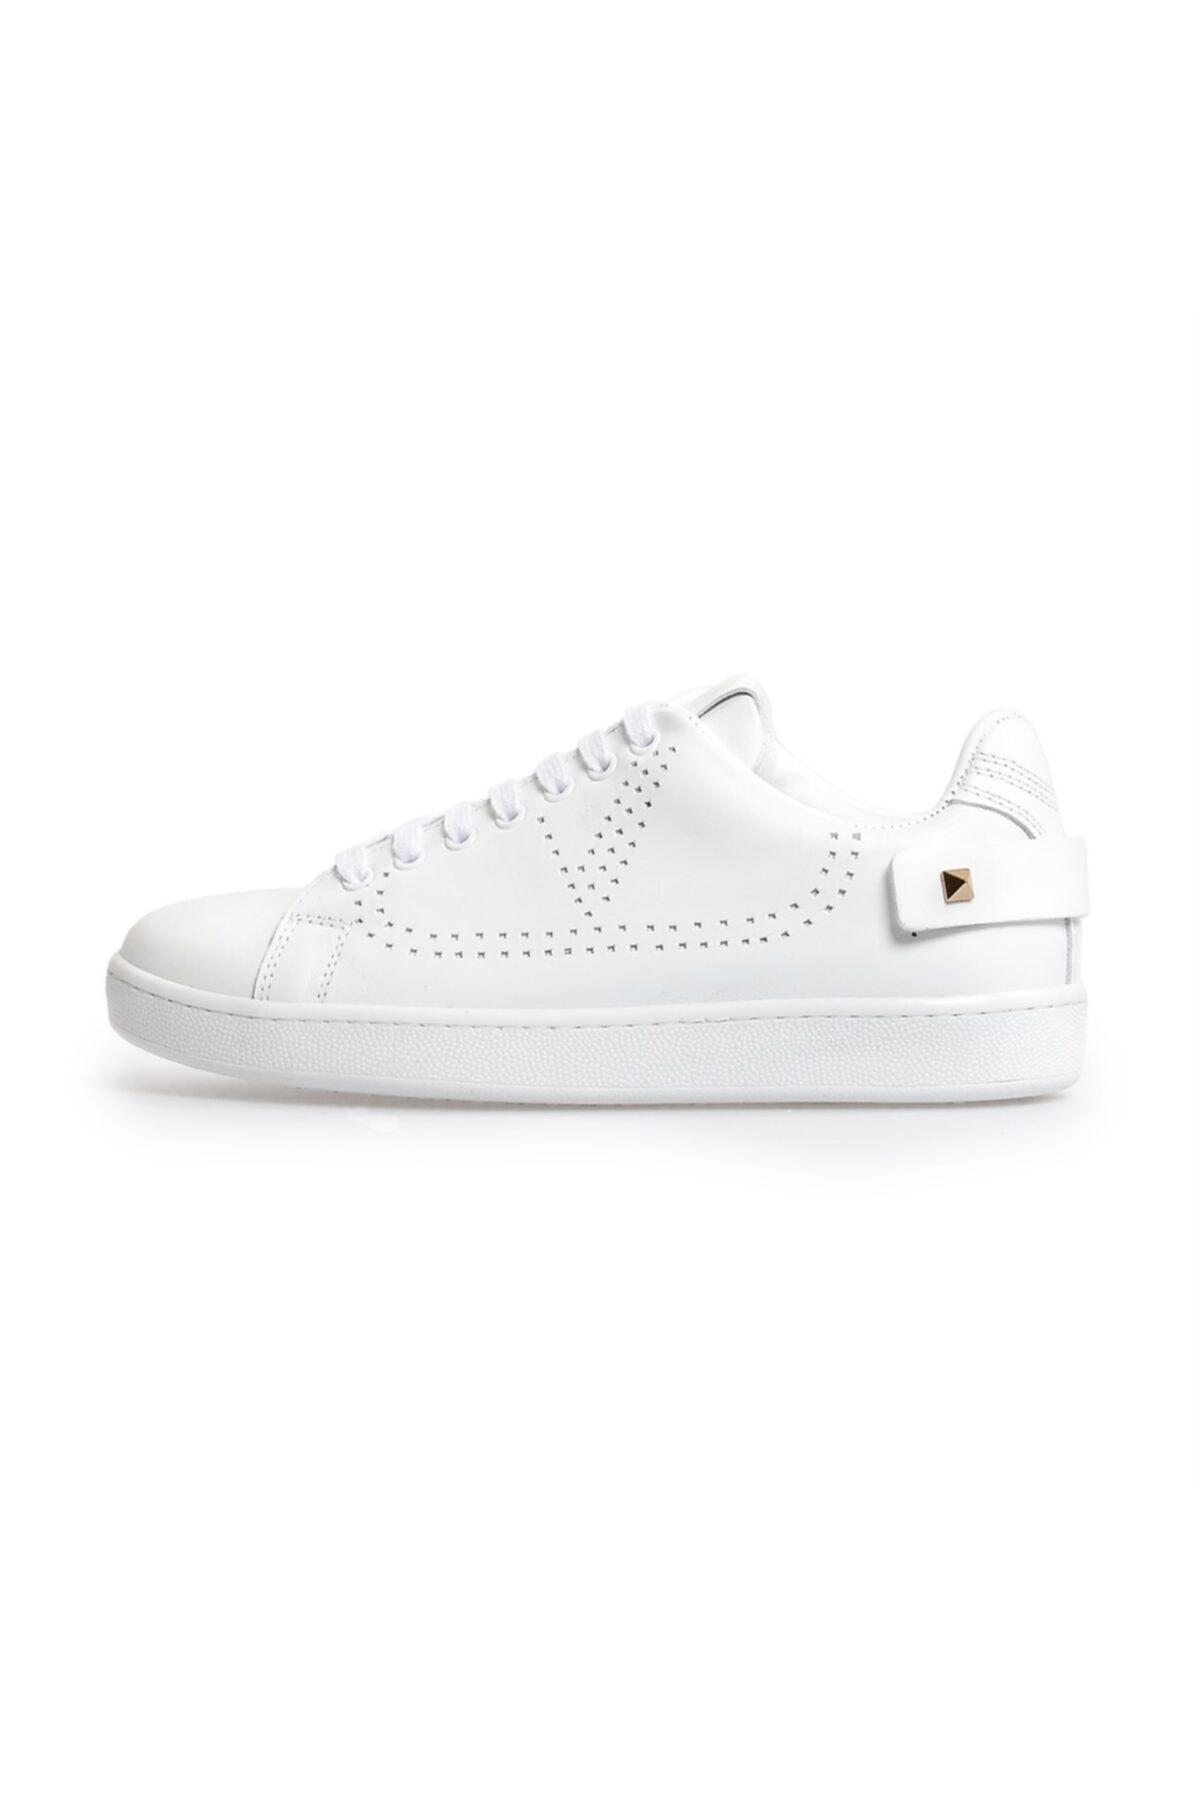 Flower Beyaz Trok Detaylı Bağcıklı Sneakers 1